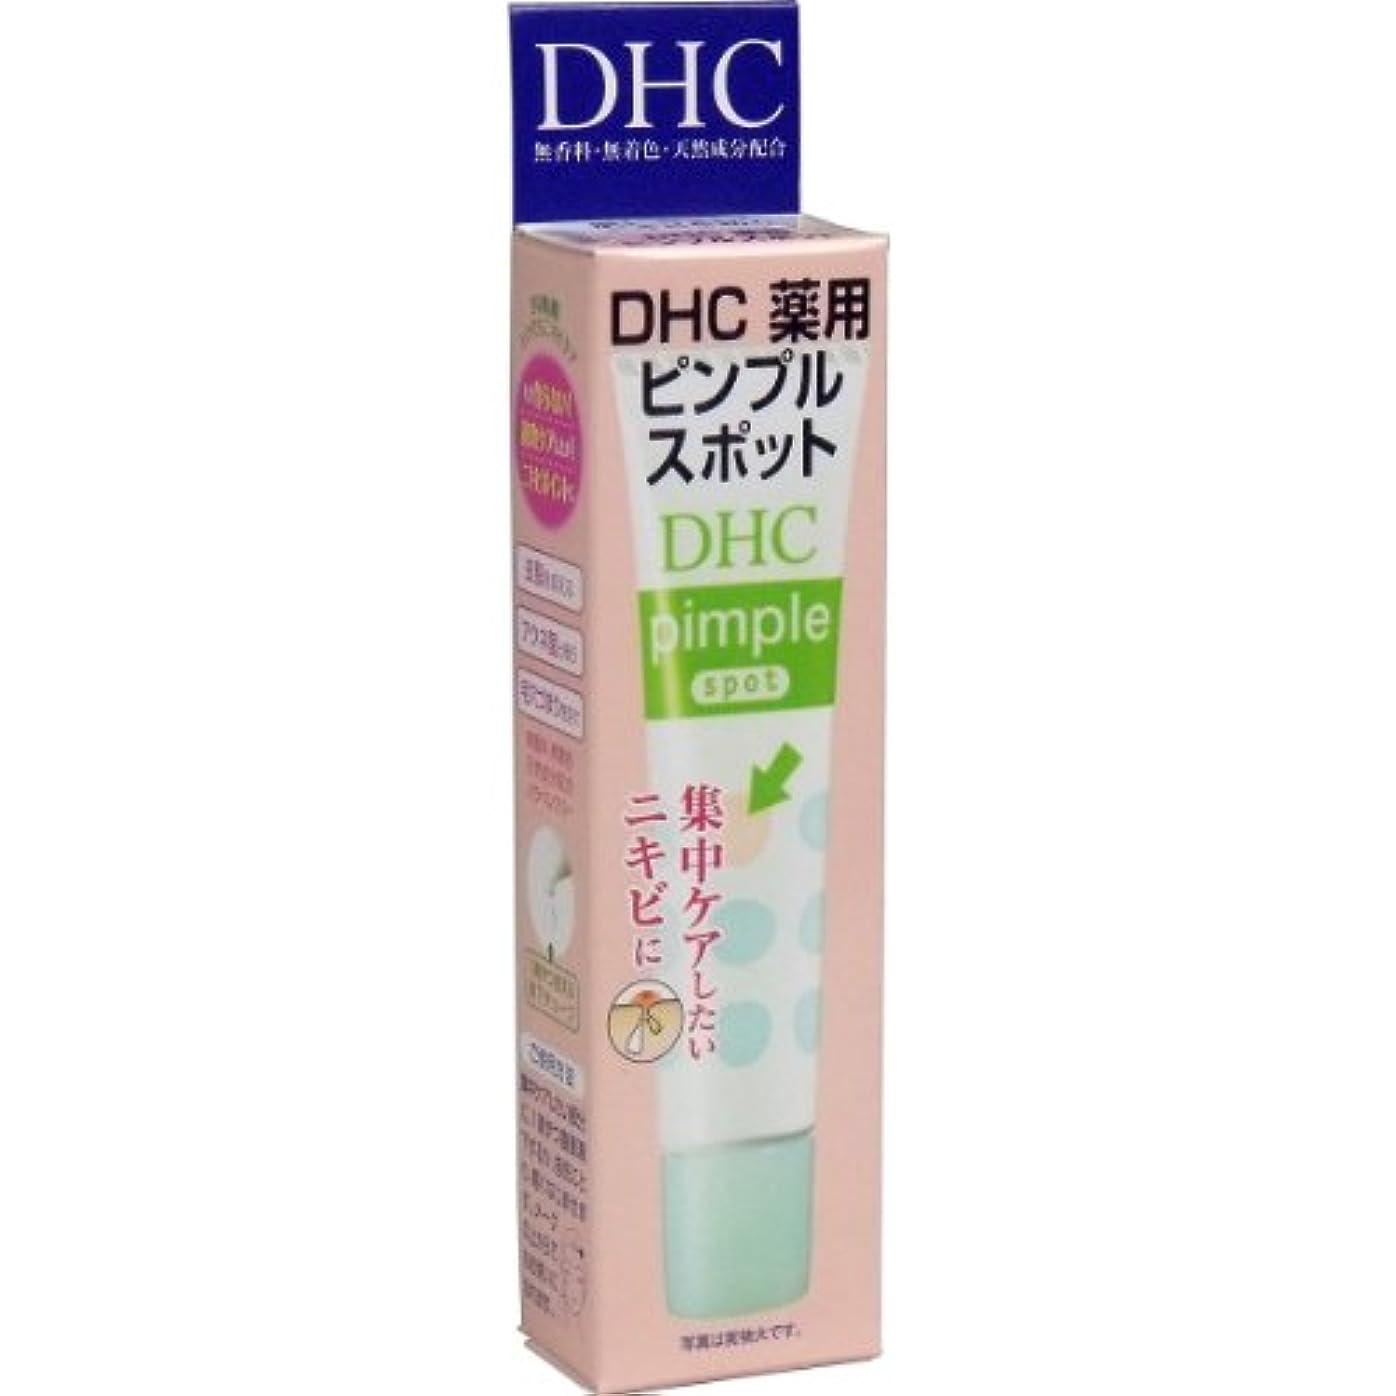 やがて皮反乱DHC 薬用ピンプルスポット15ml